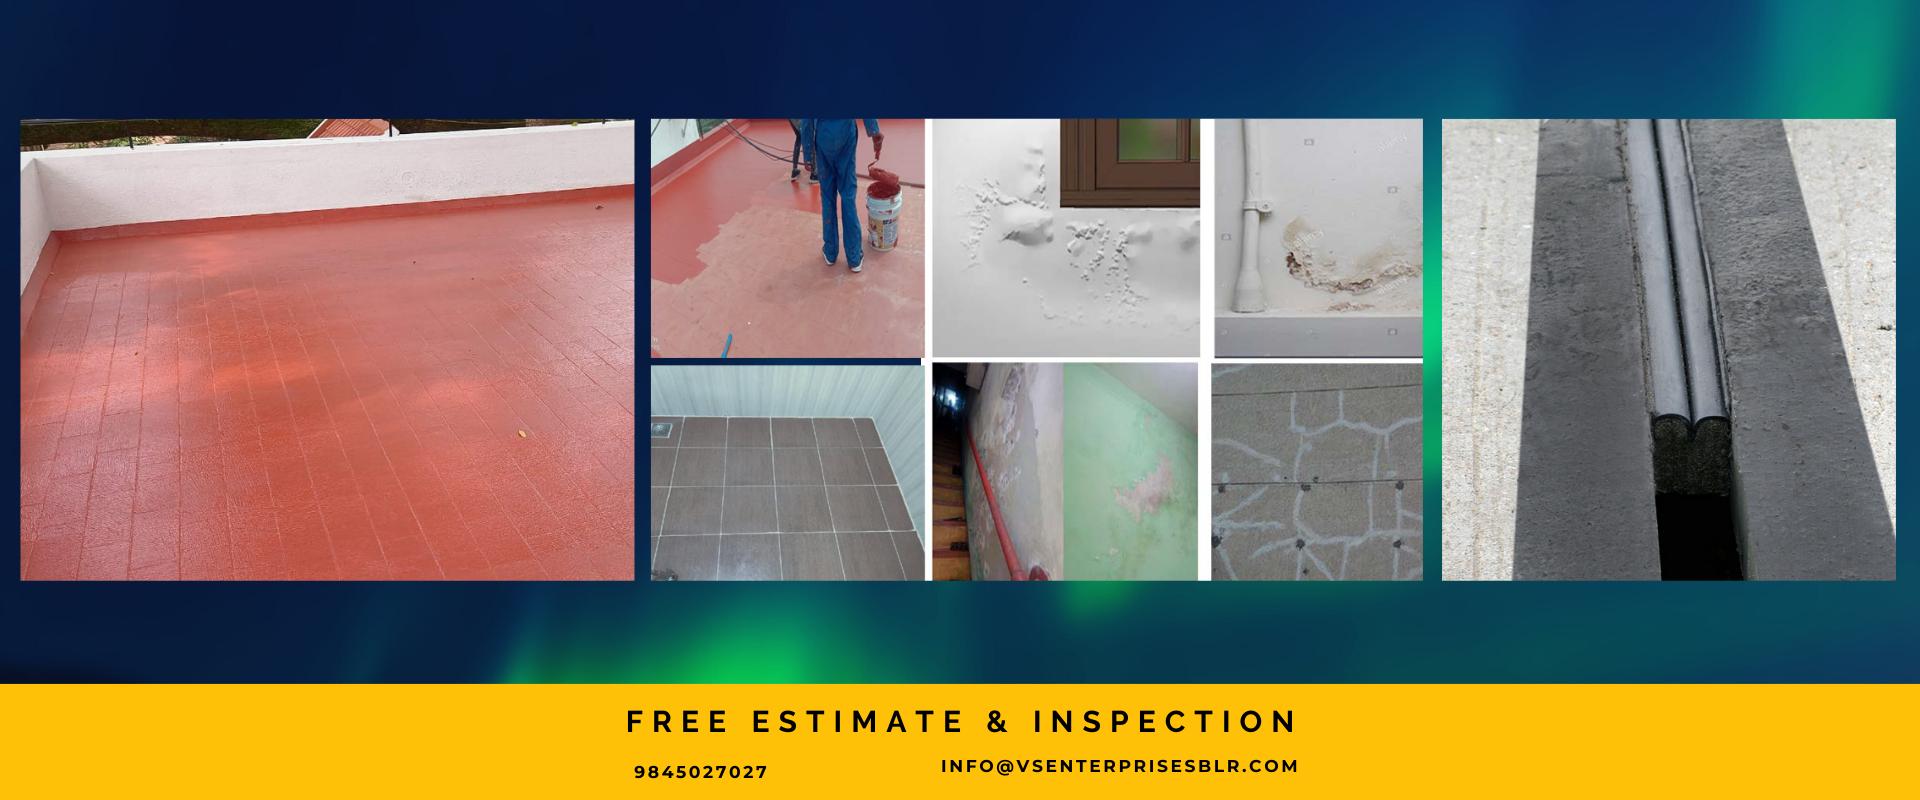 waterproofing solutions contractors,expansion joint waterproofing,wall seepage repair